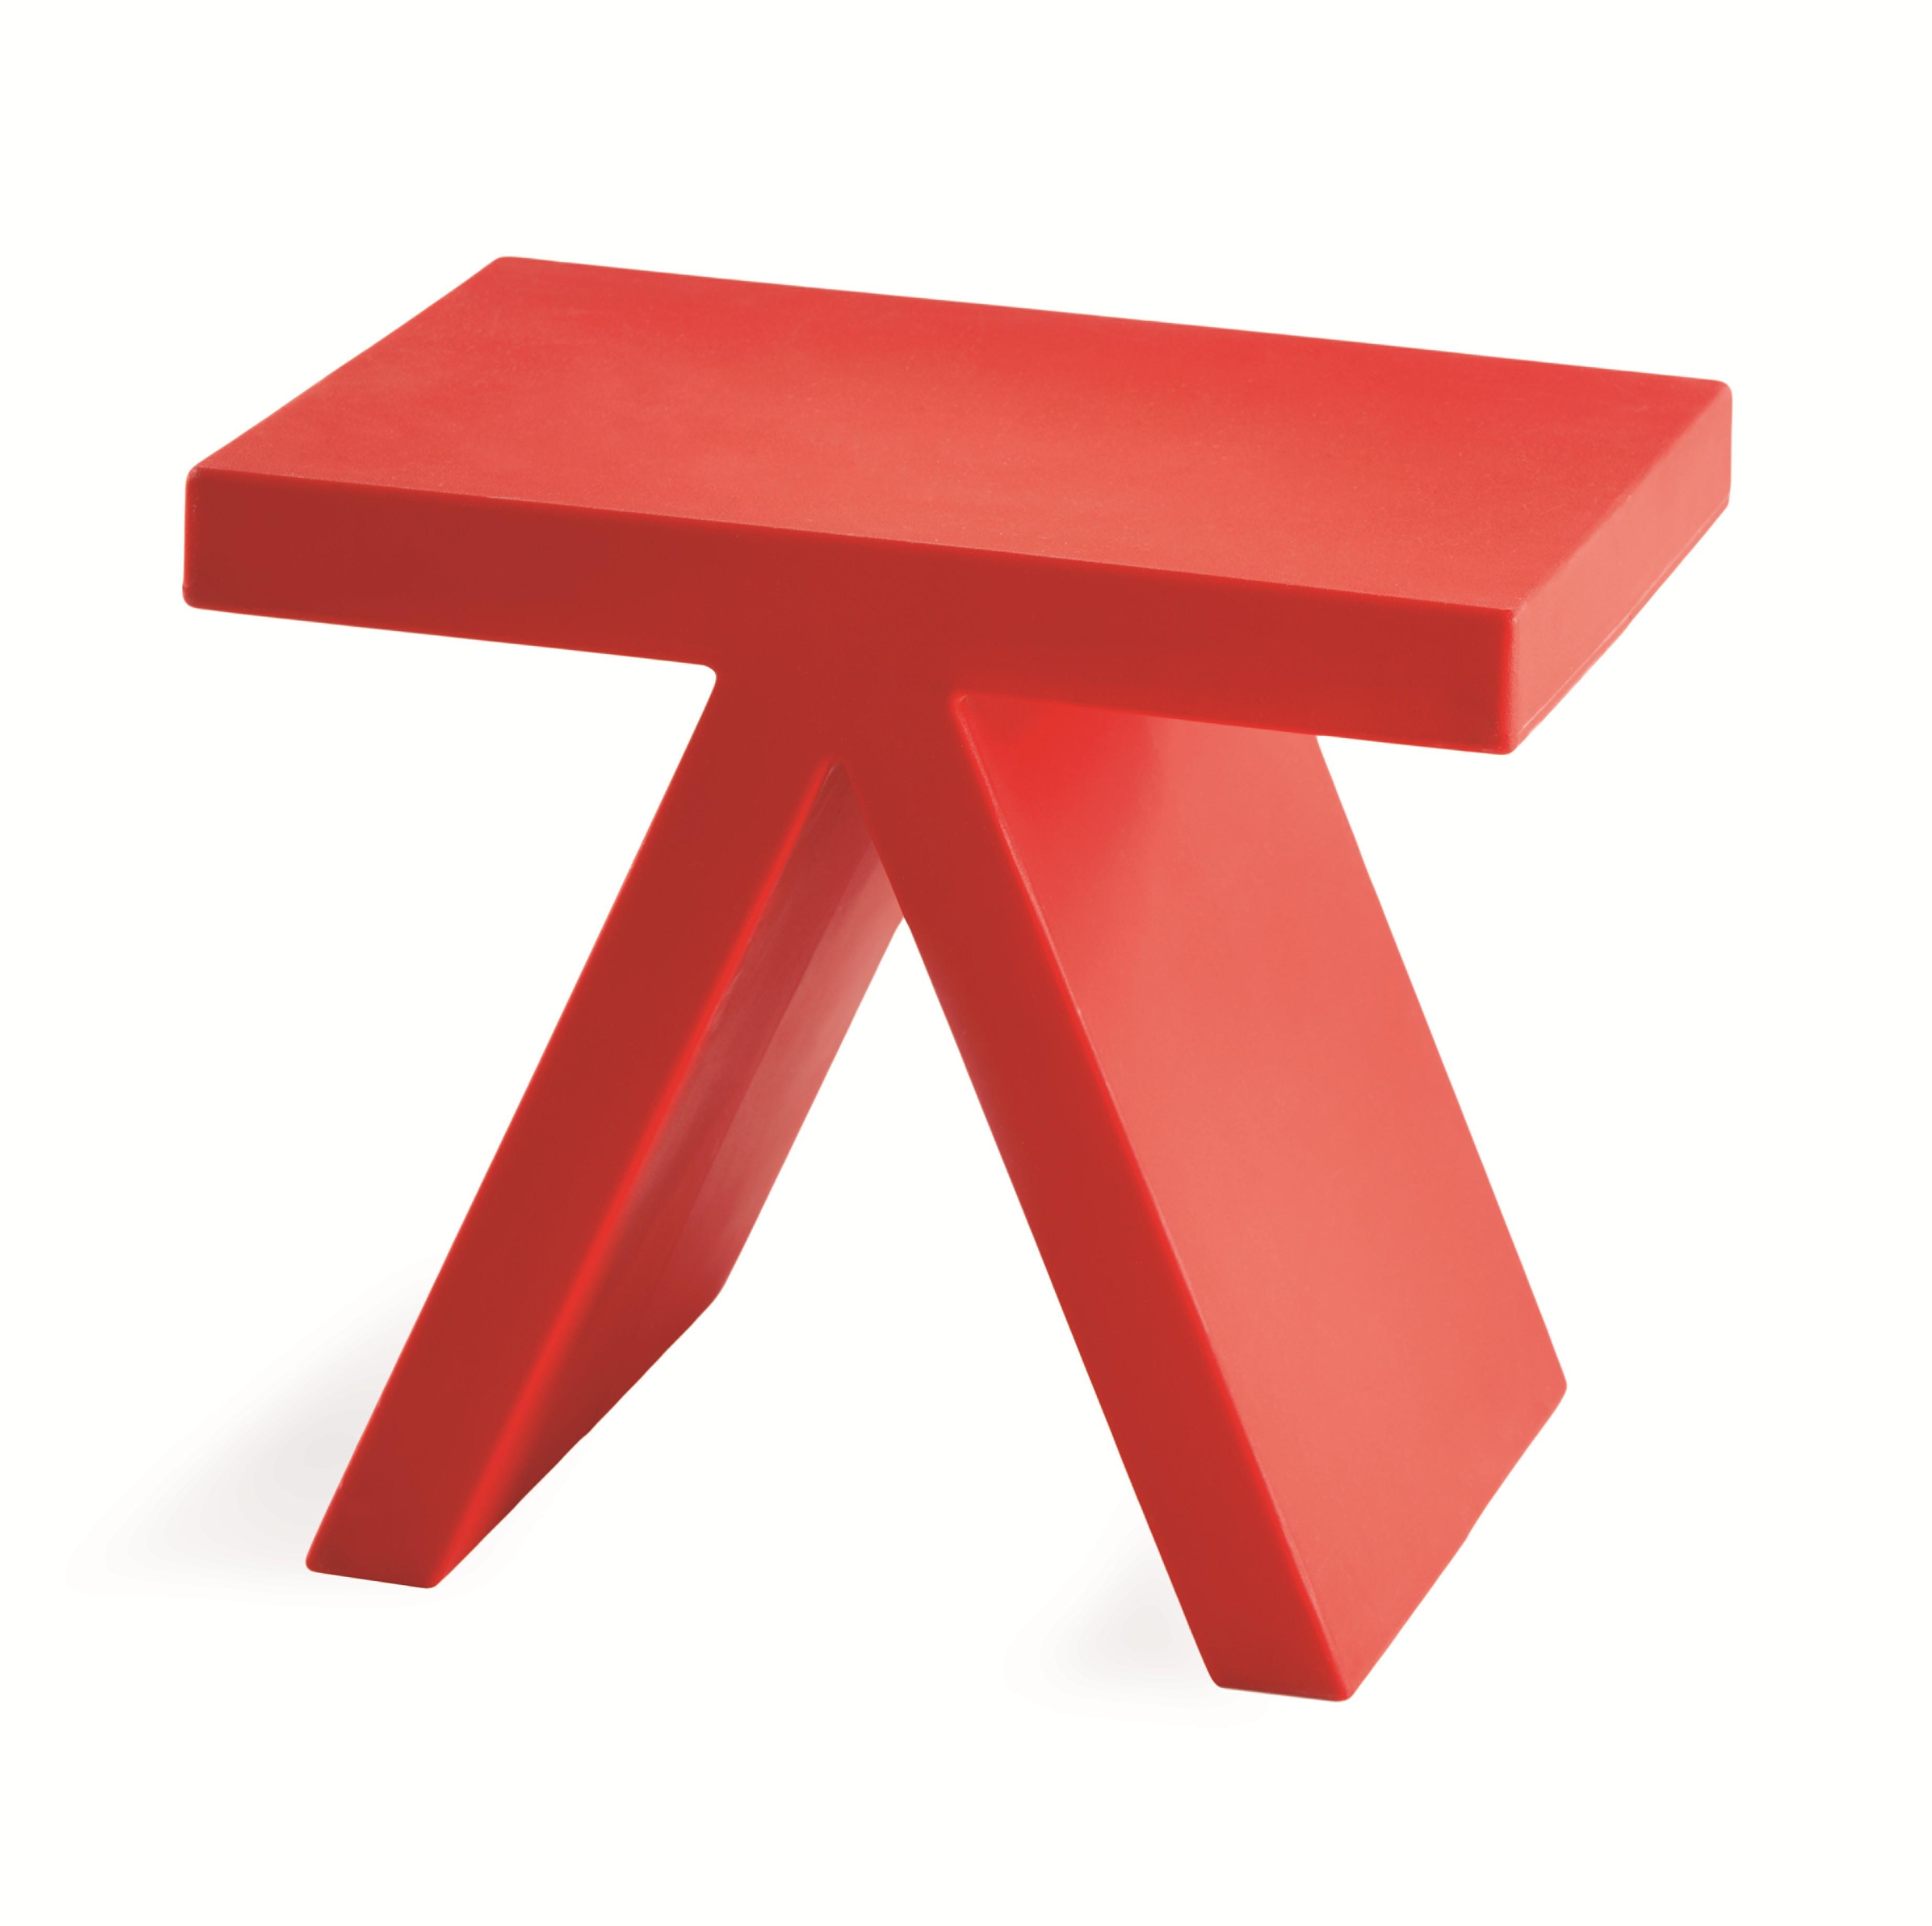 Table d 39 appoint ou tabouret toy de slide for Table d appoint exterieur